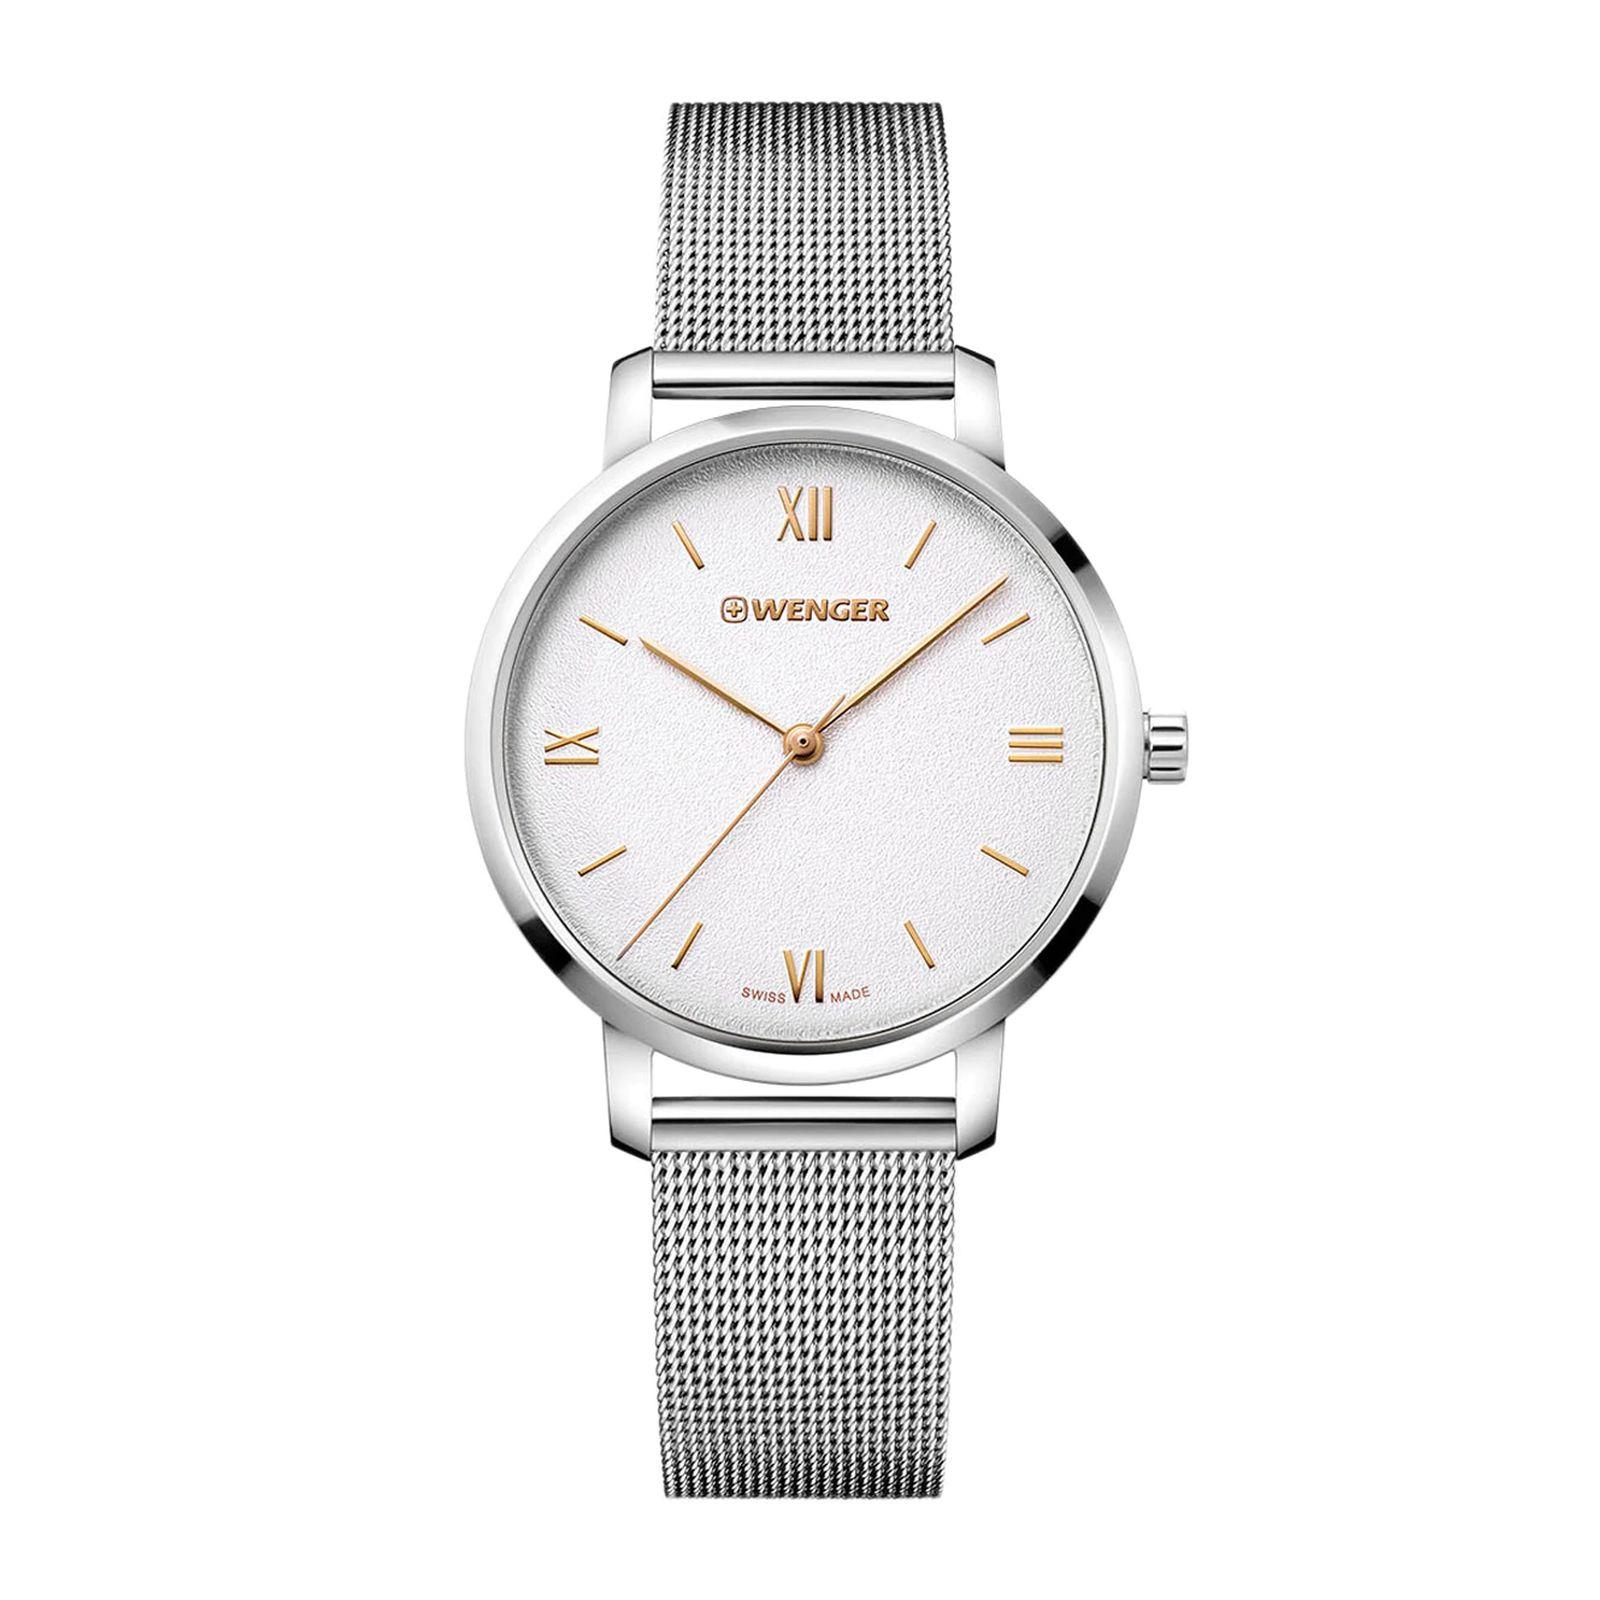 ساعت مچی عقربه ای مردانه ونگر مدل 01.1731.104 -  - 2